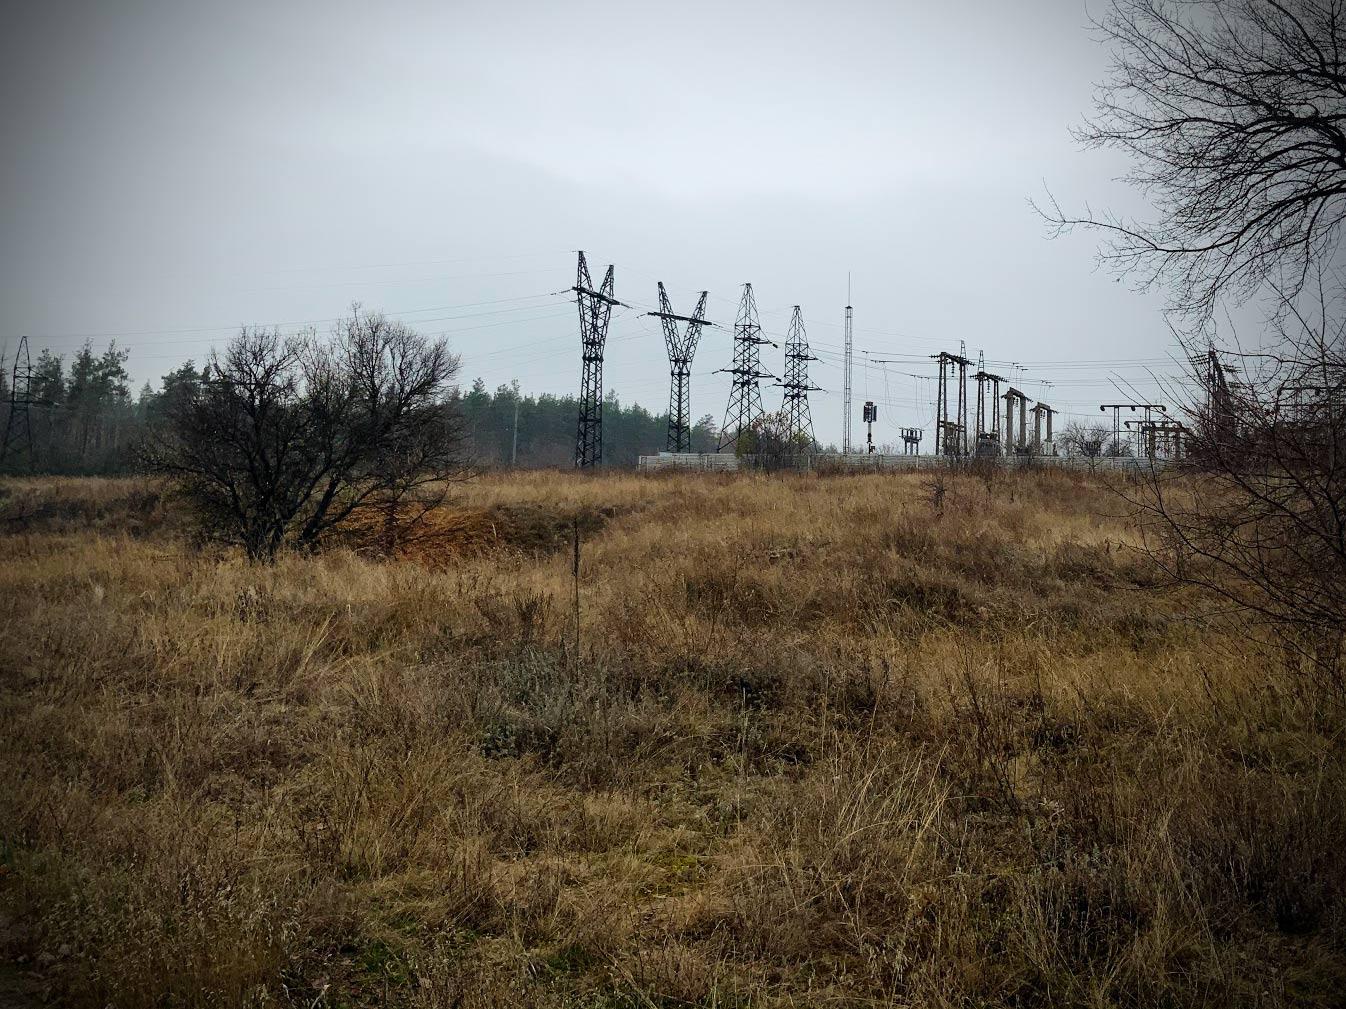 raigorodok 02 - <b>Сонце України встає на Донбасі.</b> Особистий репортаж з містечка Райгородок - Заборона